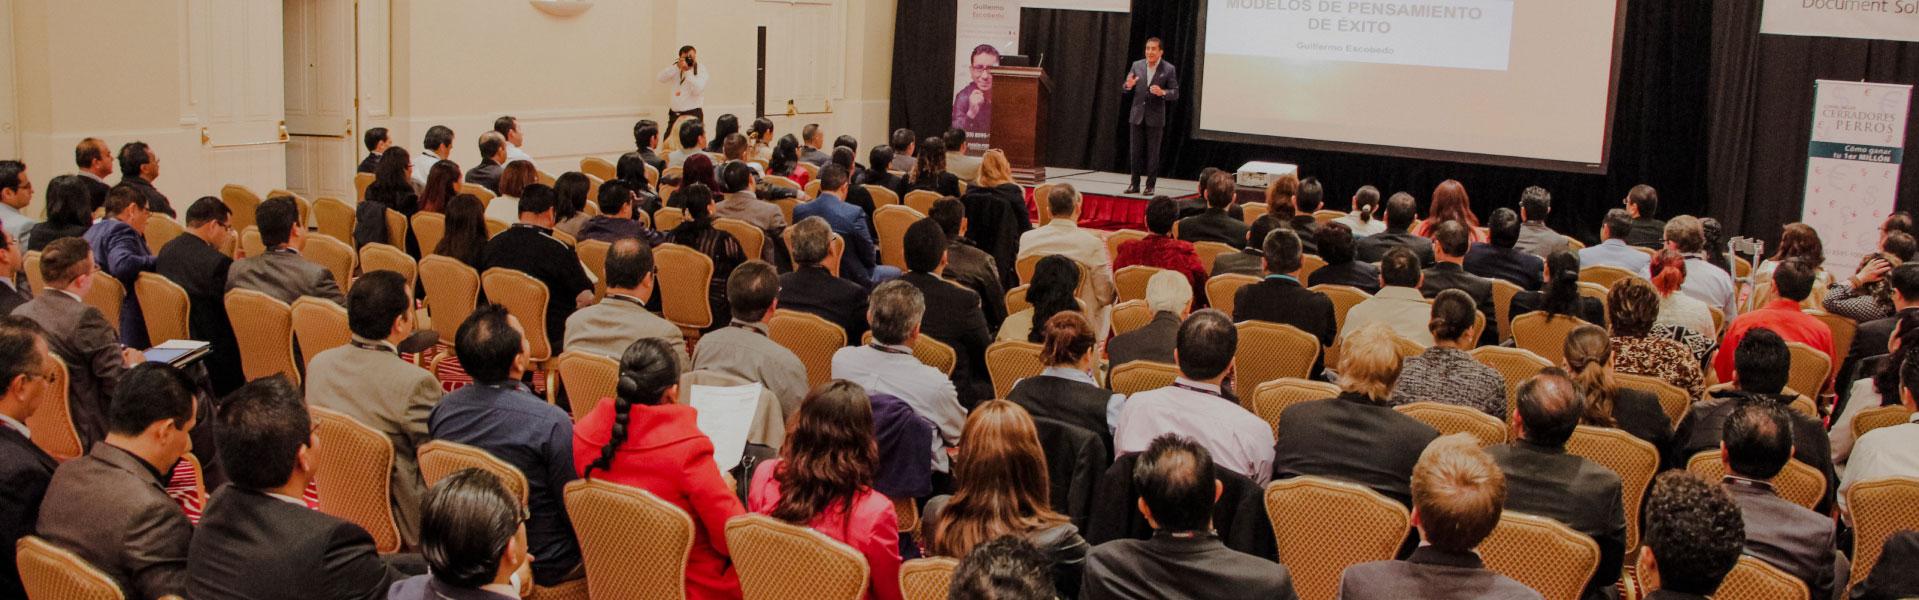 Conferencias Motivacionales Adaptadas A Tus Metas Empresariales